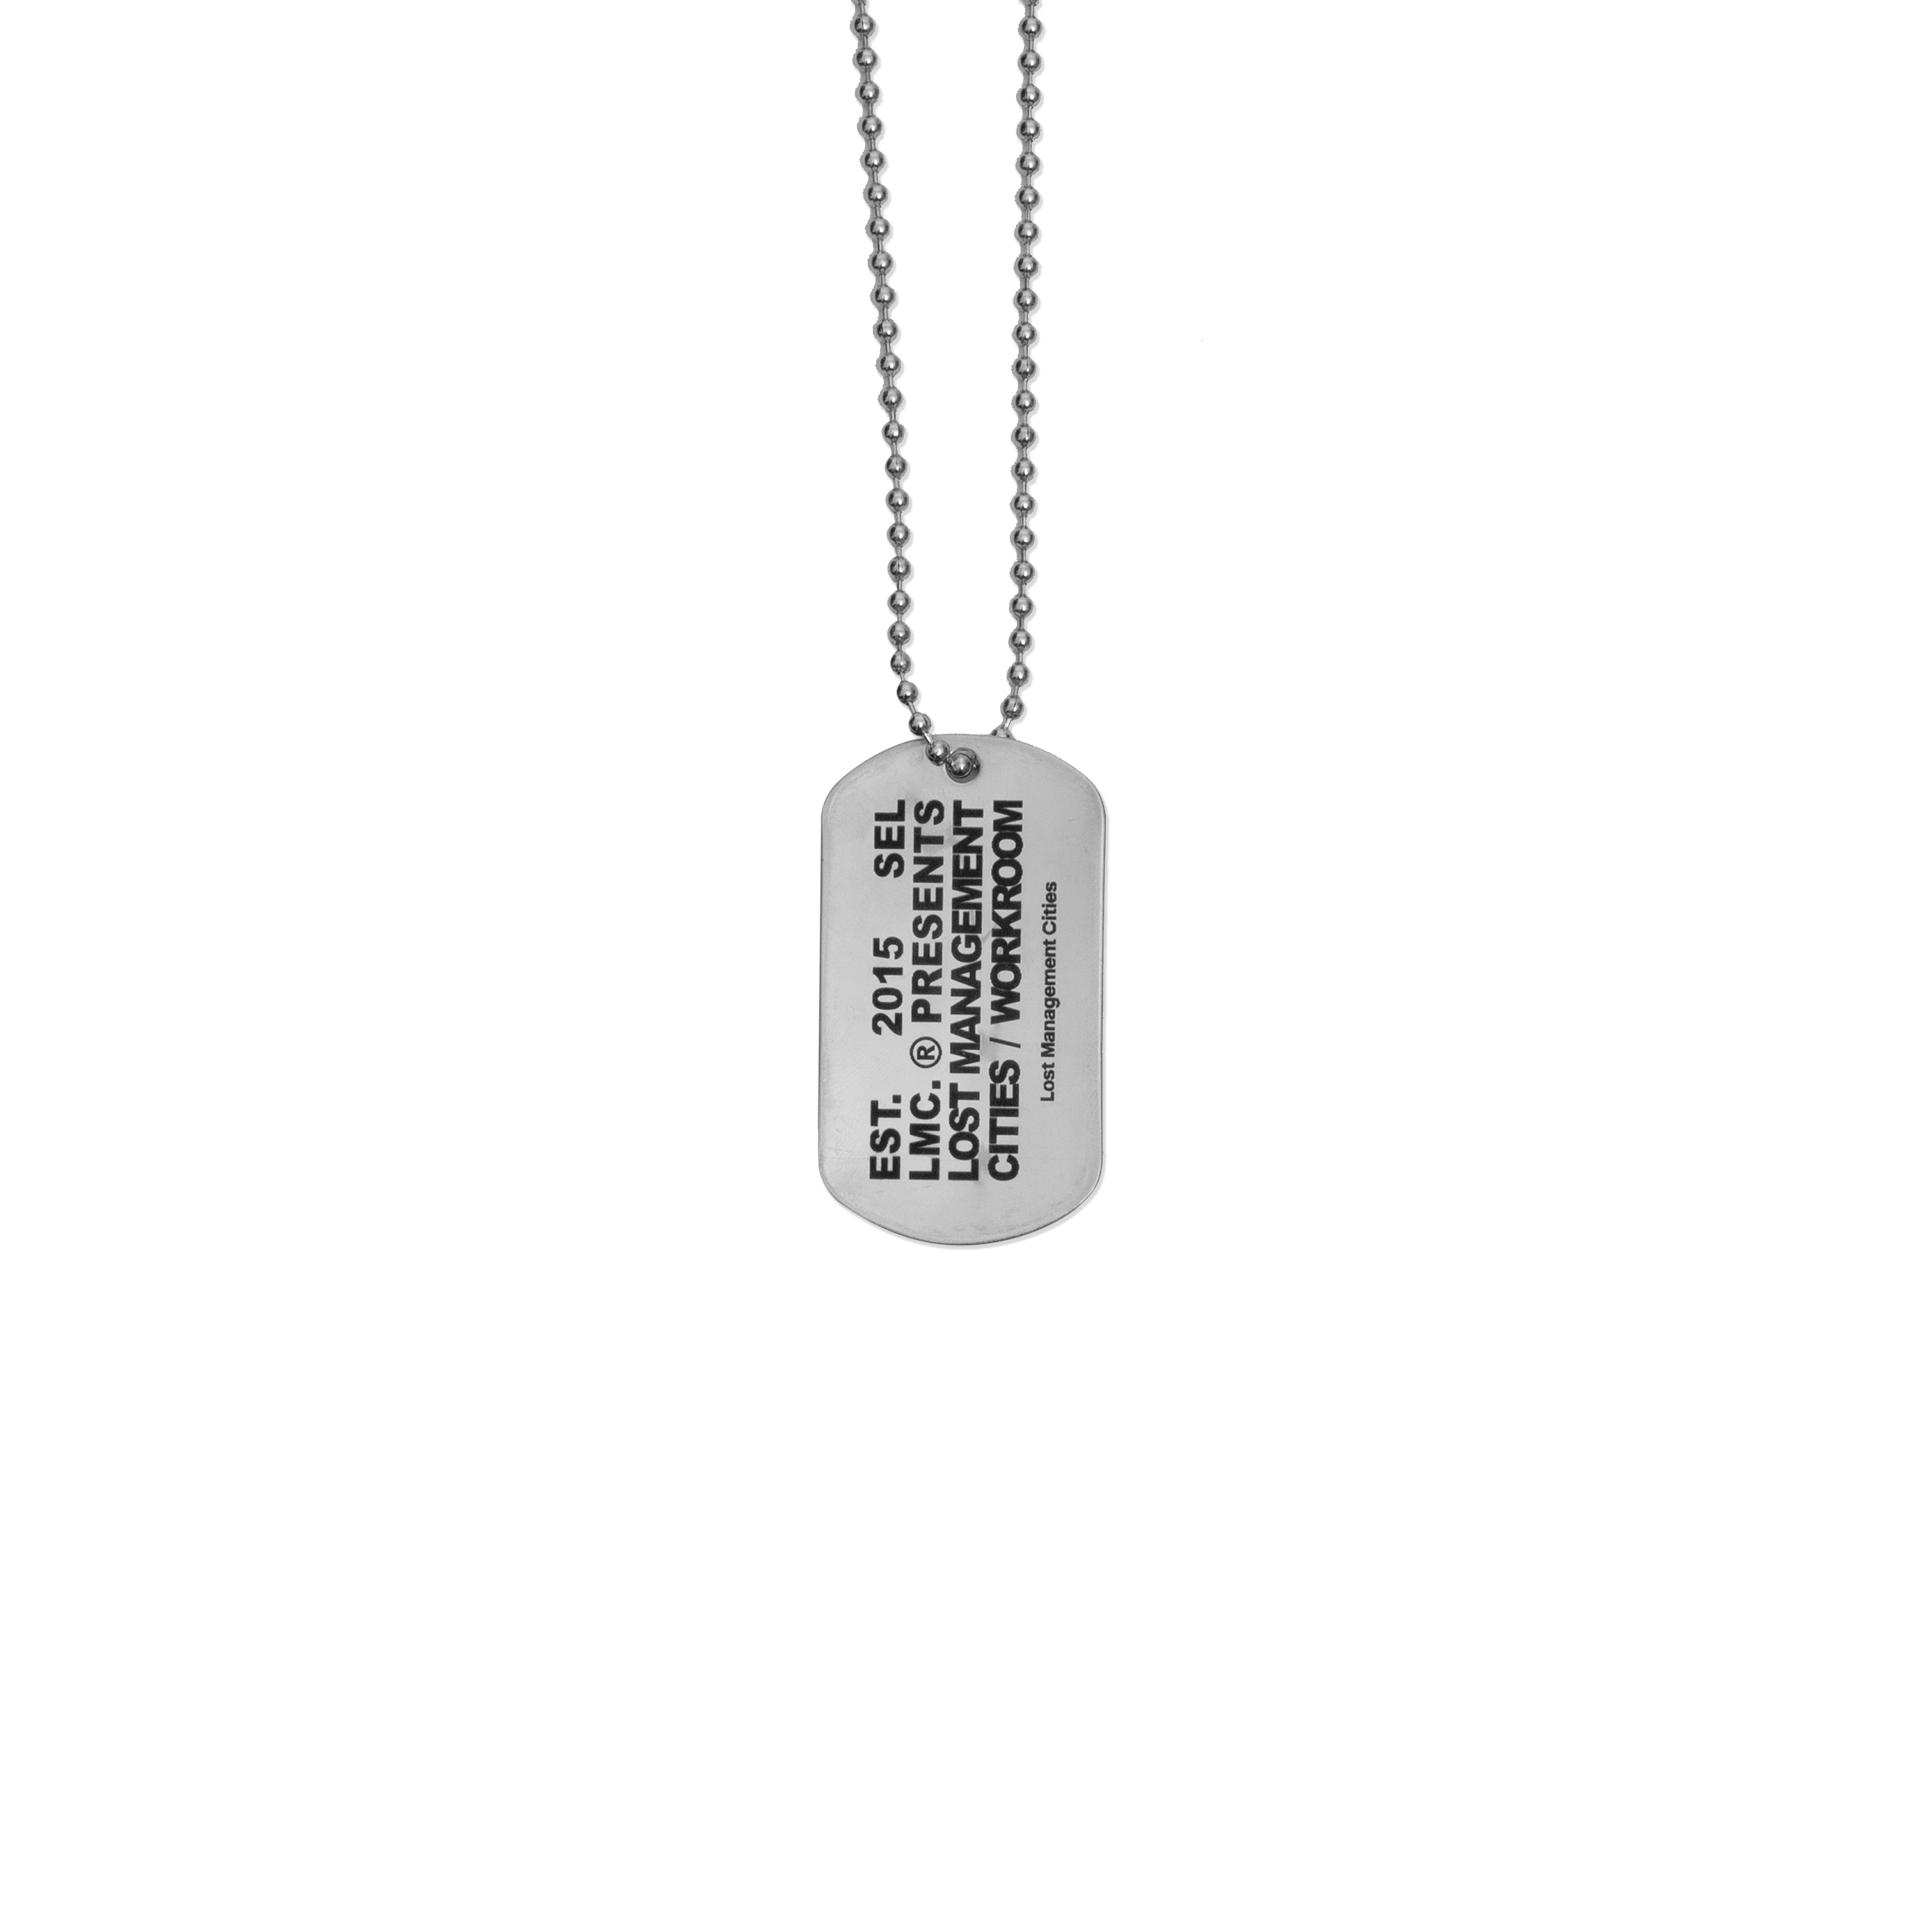 엘엠씨(LMC) LMC WORKROOM DOG TAG REMADE BY LMC silver